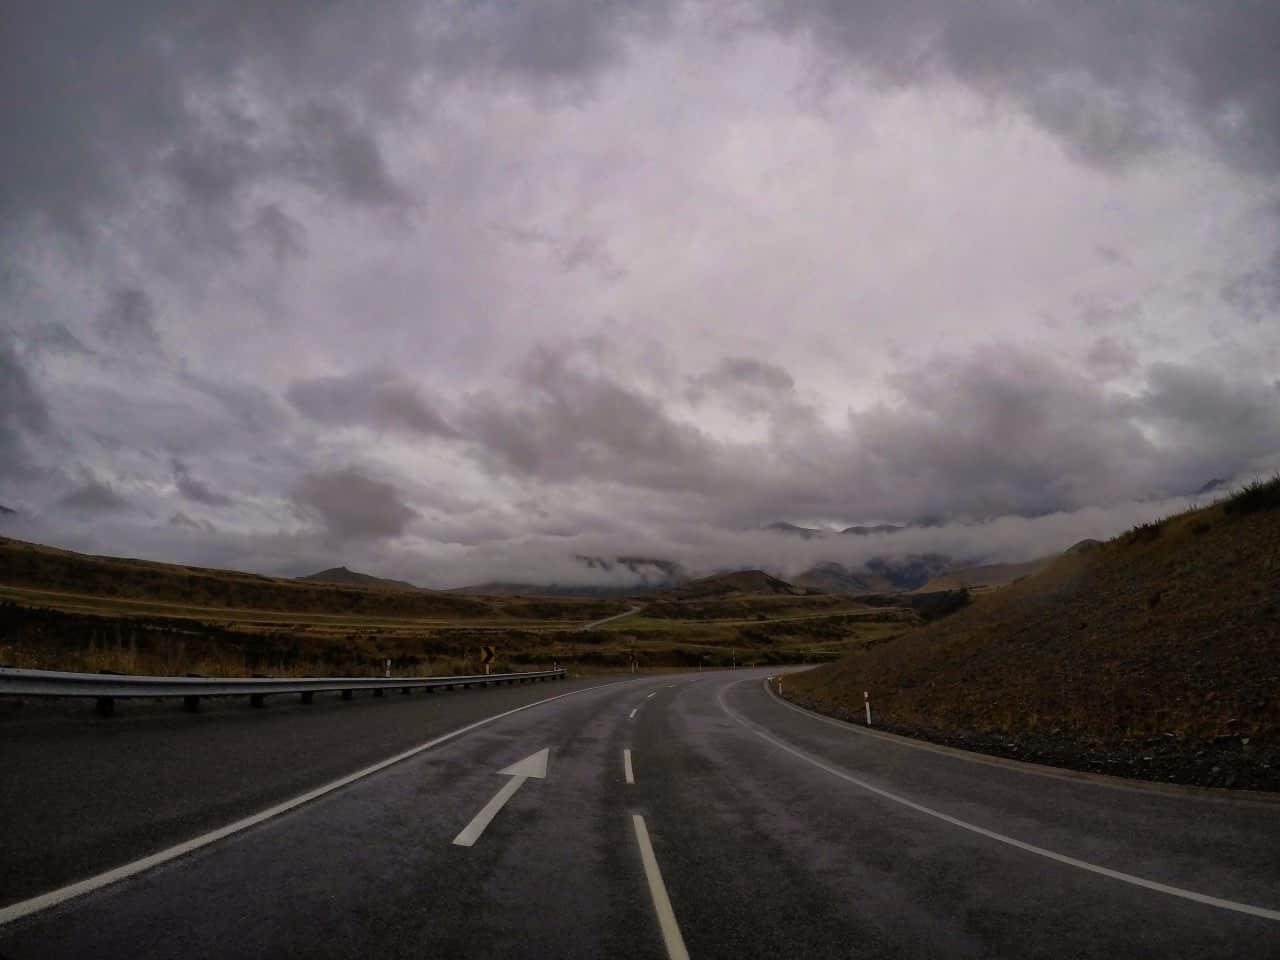 Arthurs-Pass-New-Zealand-rainy-day-Road-with-marks